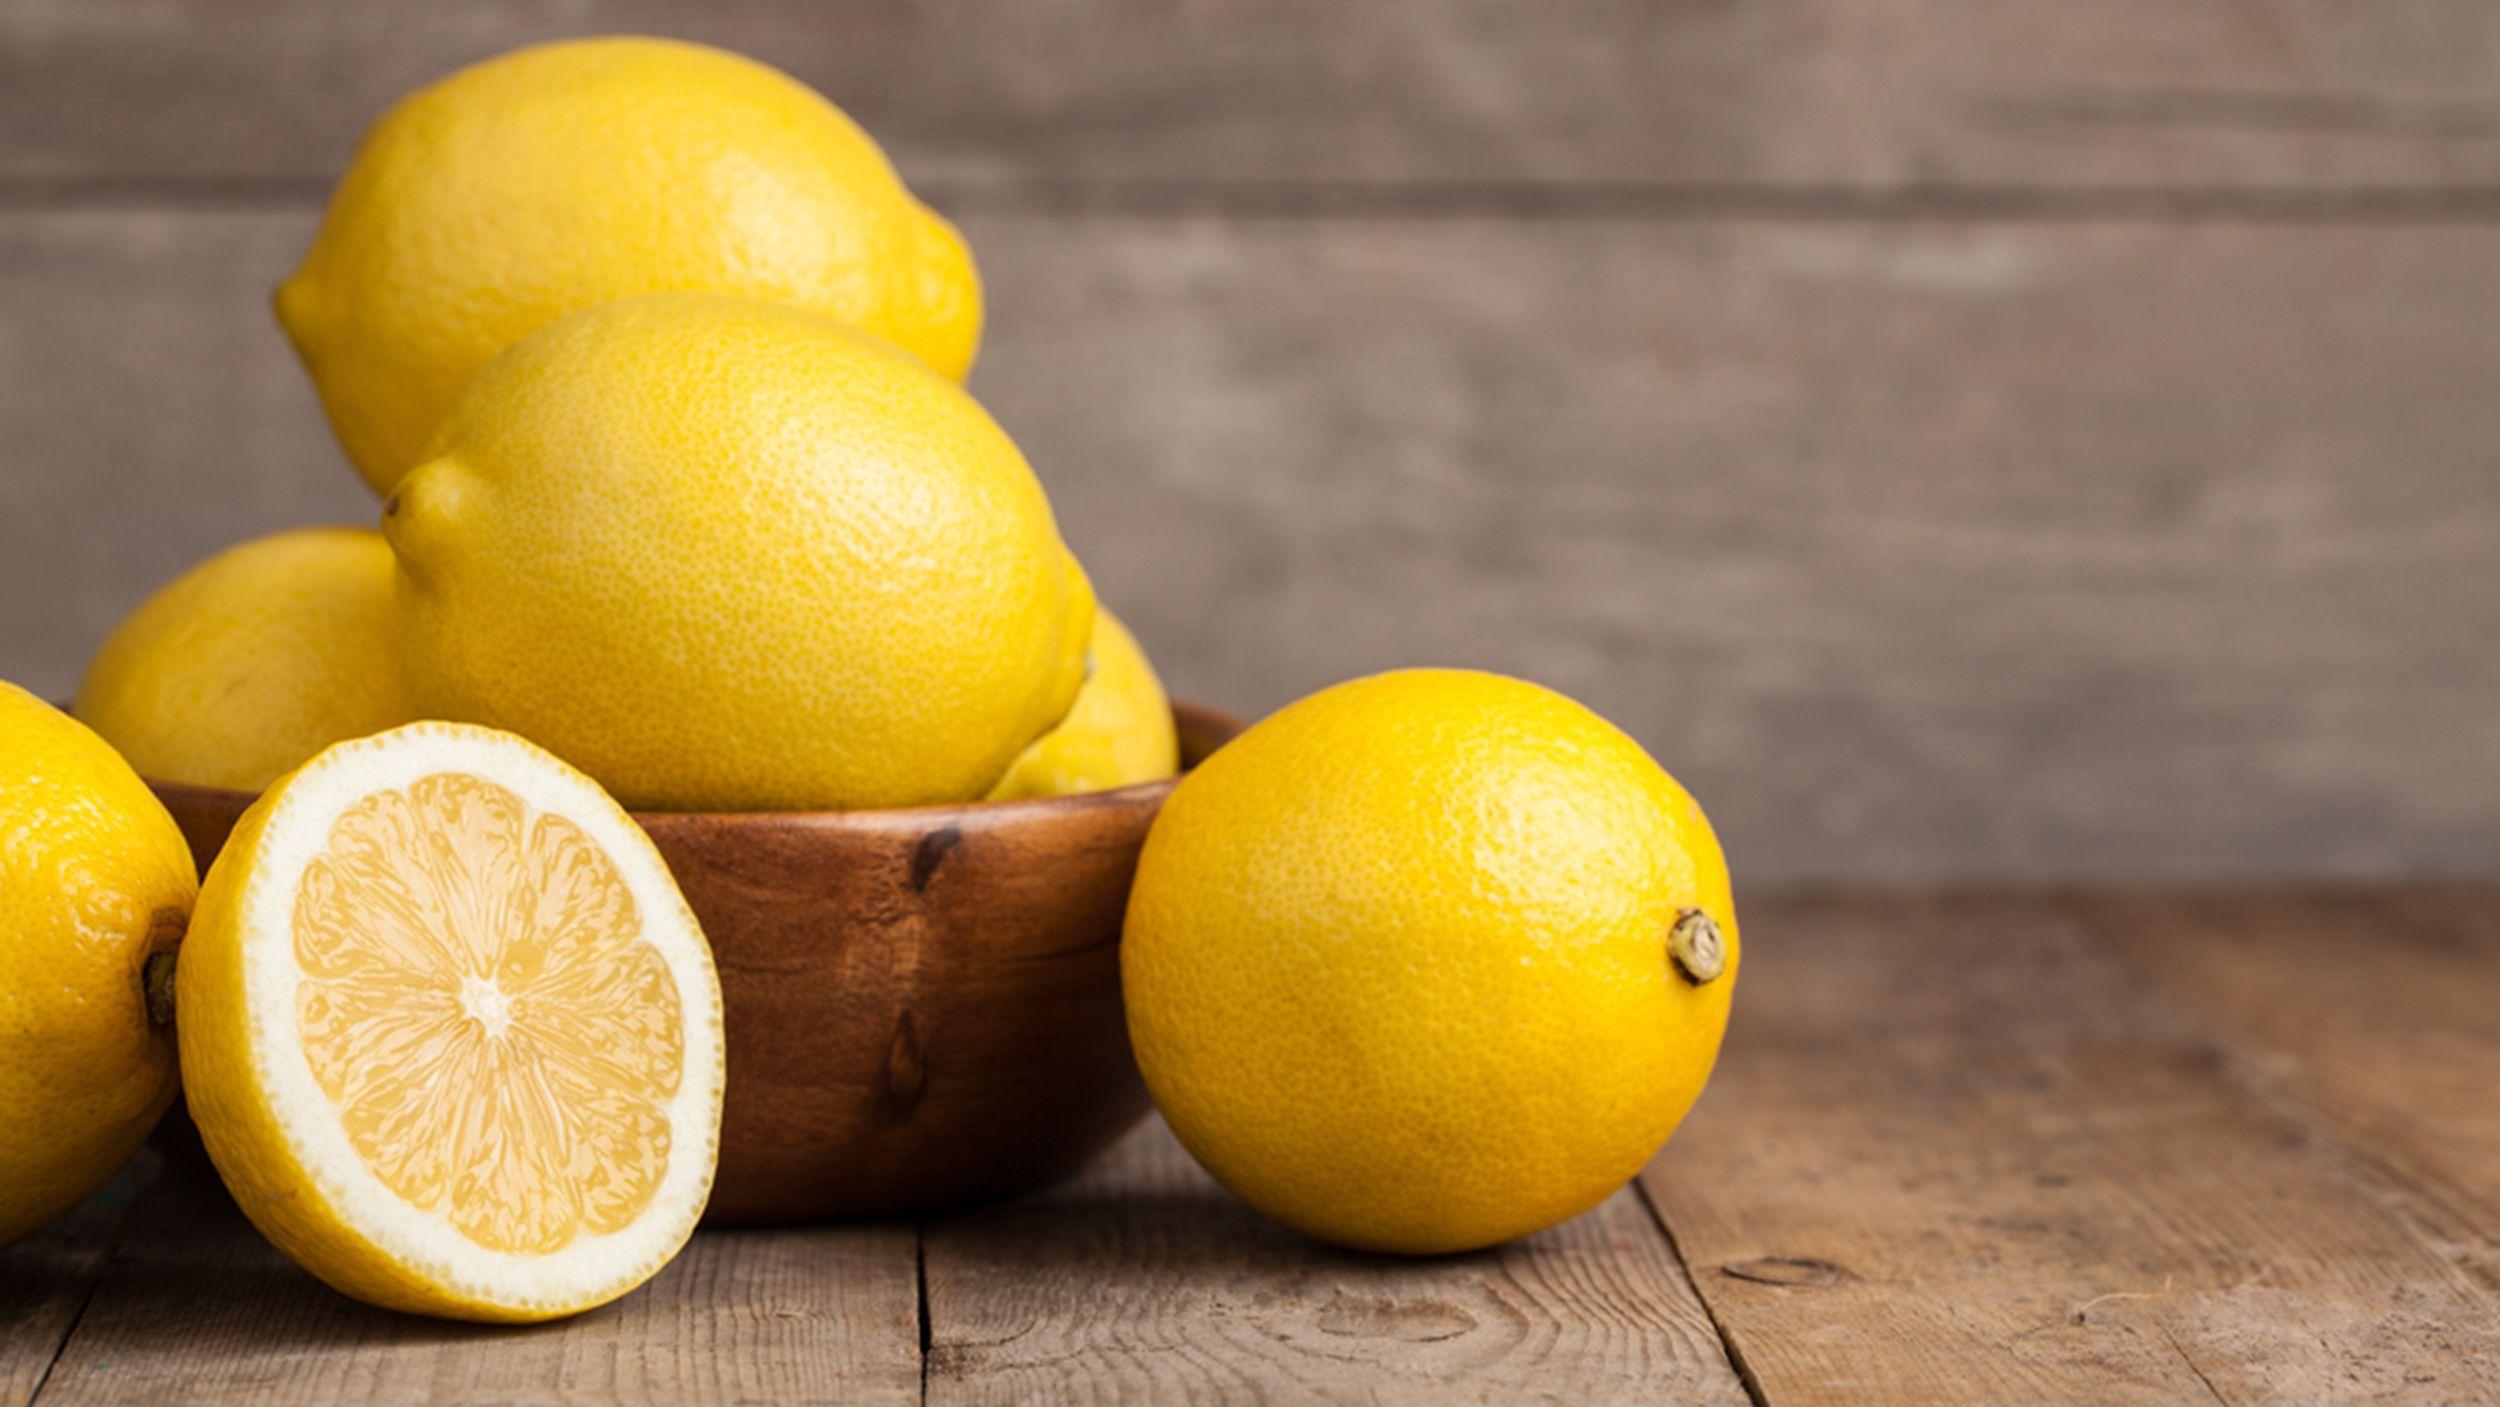 Lemon Hd Desktop